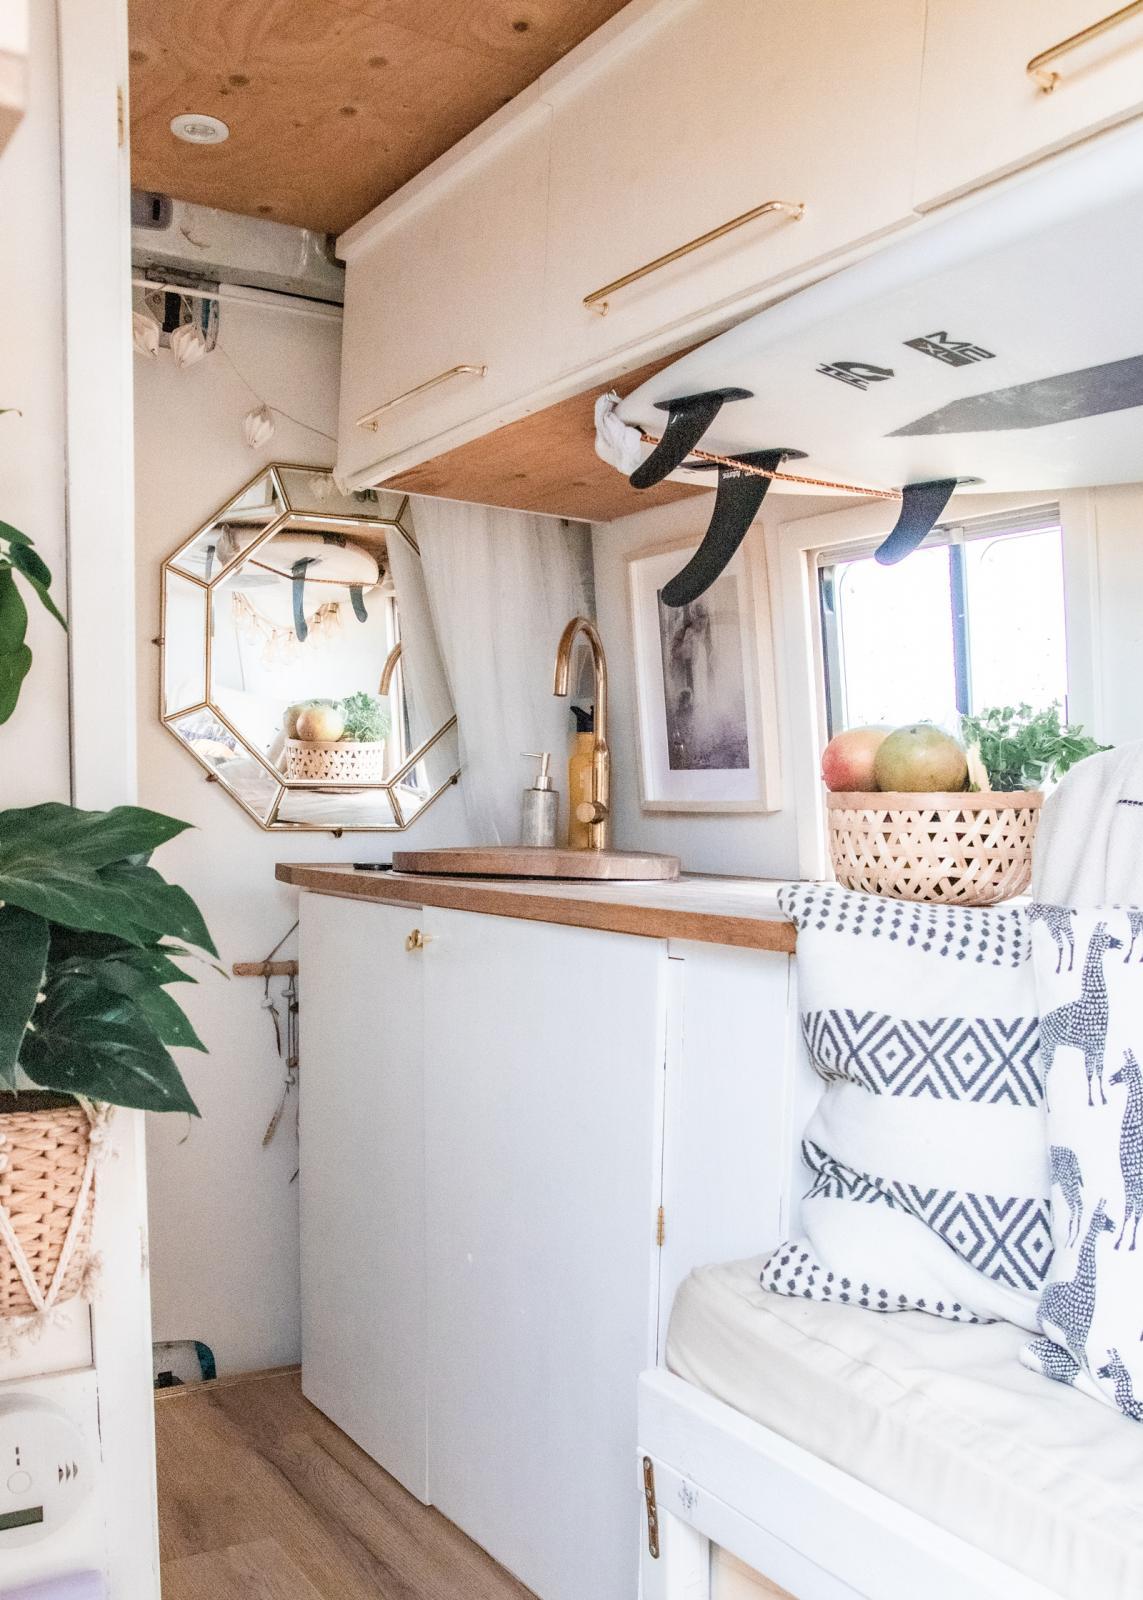 På bakdörren hänger en spegel och ovanför soffan har surfbrädan sin givna plats. Köksbänk och överskåp vid aktern.